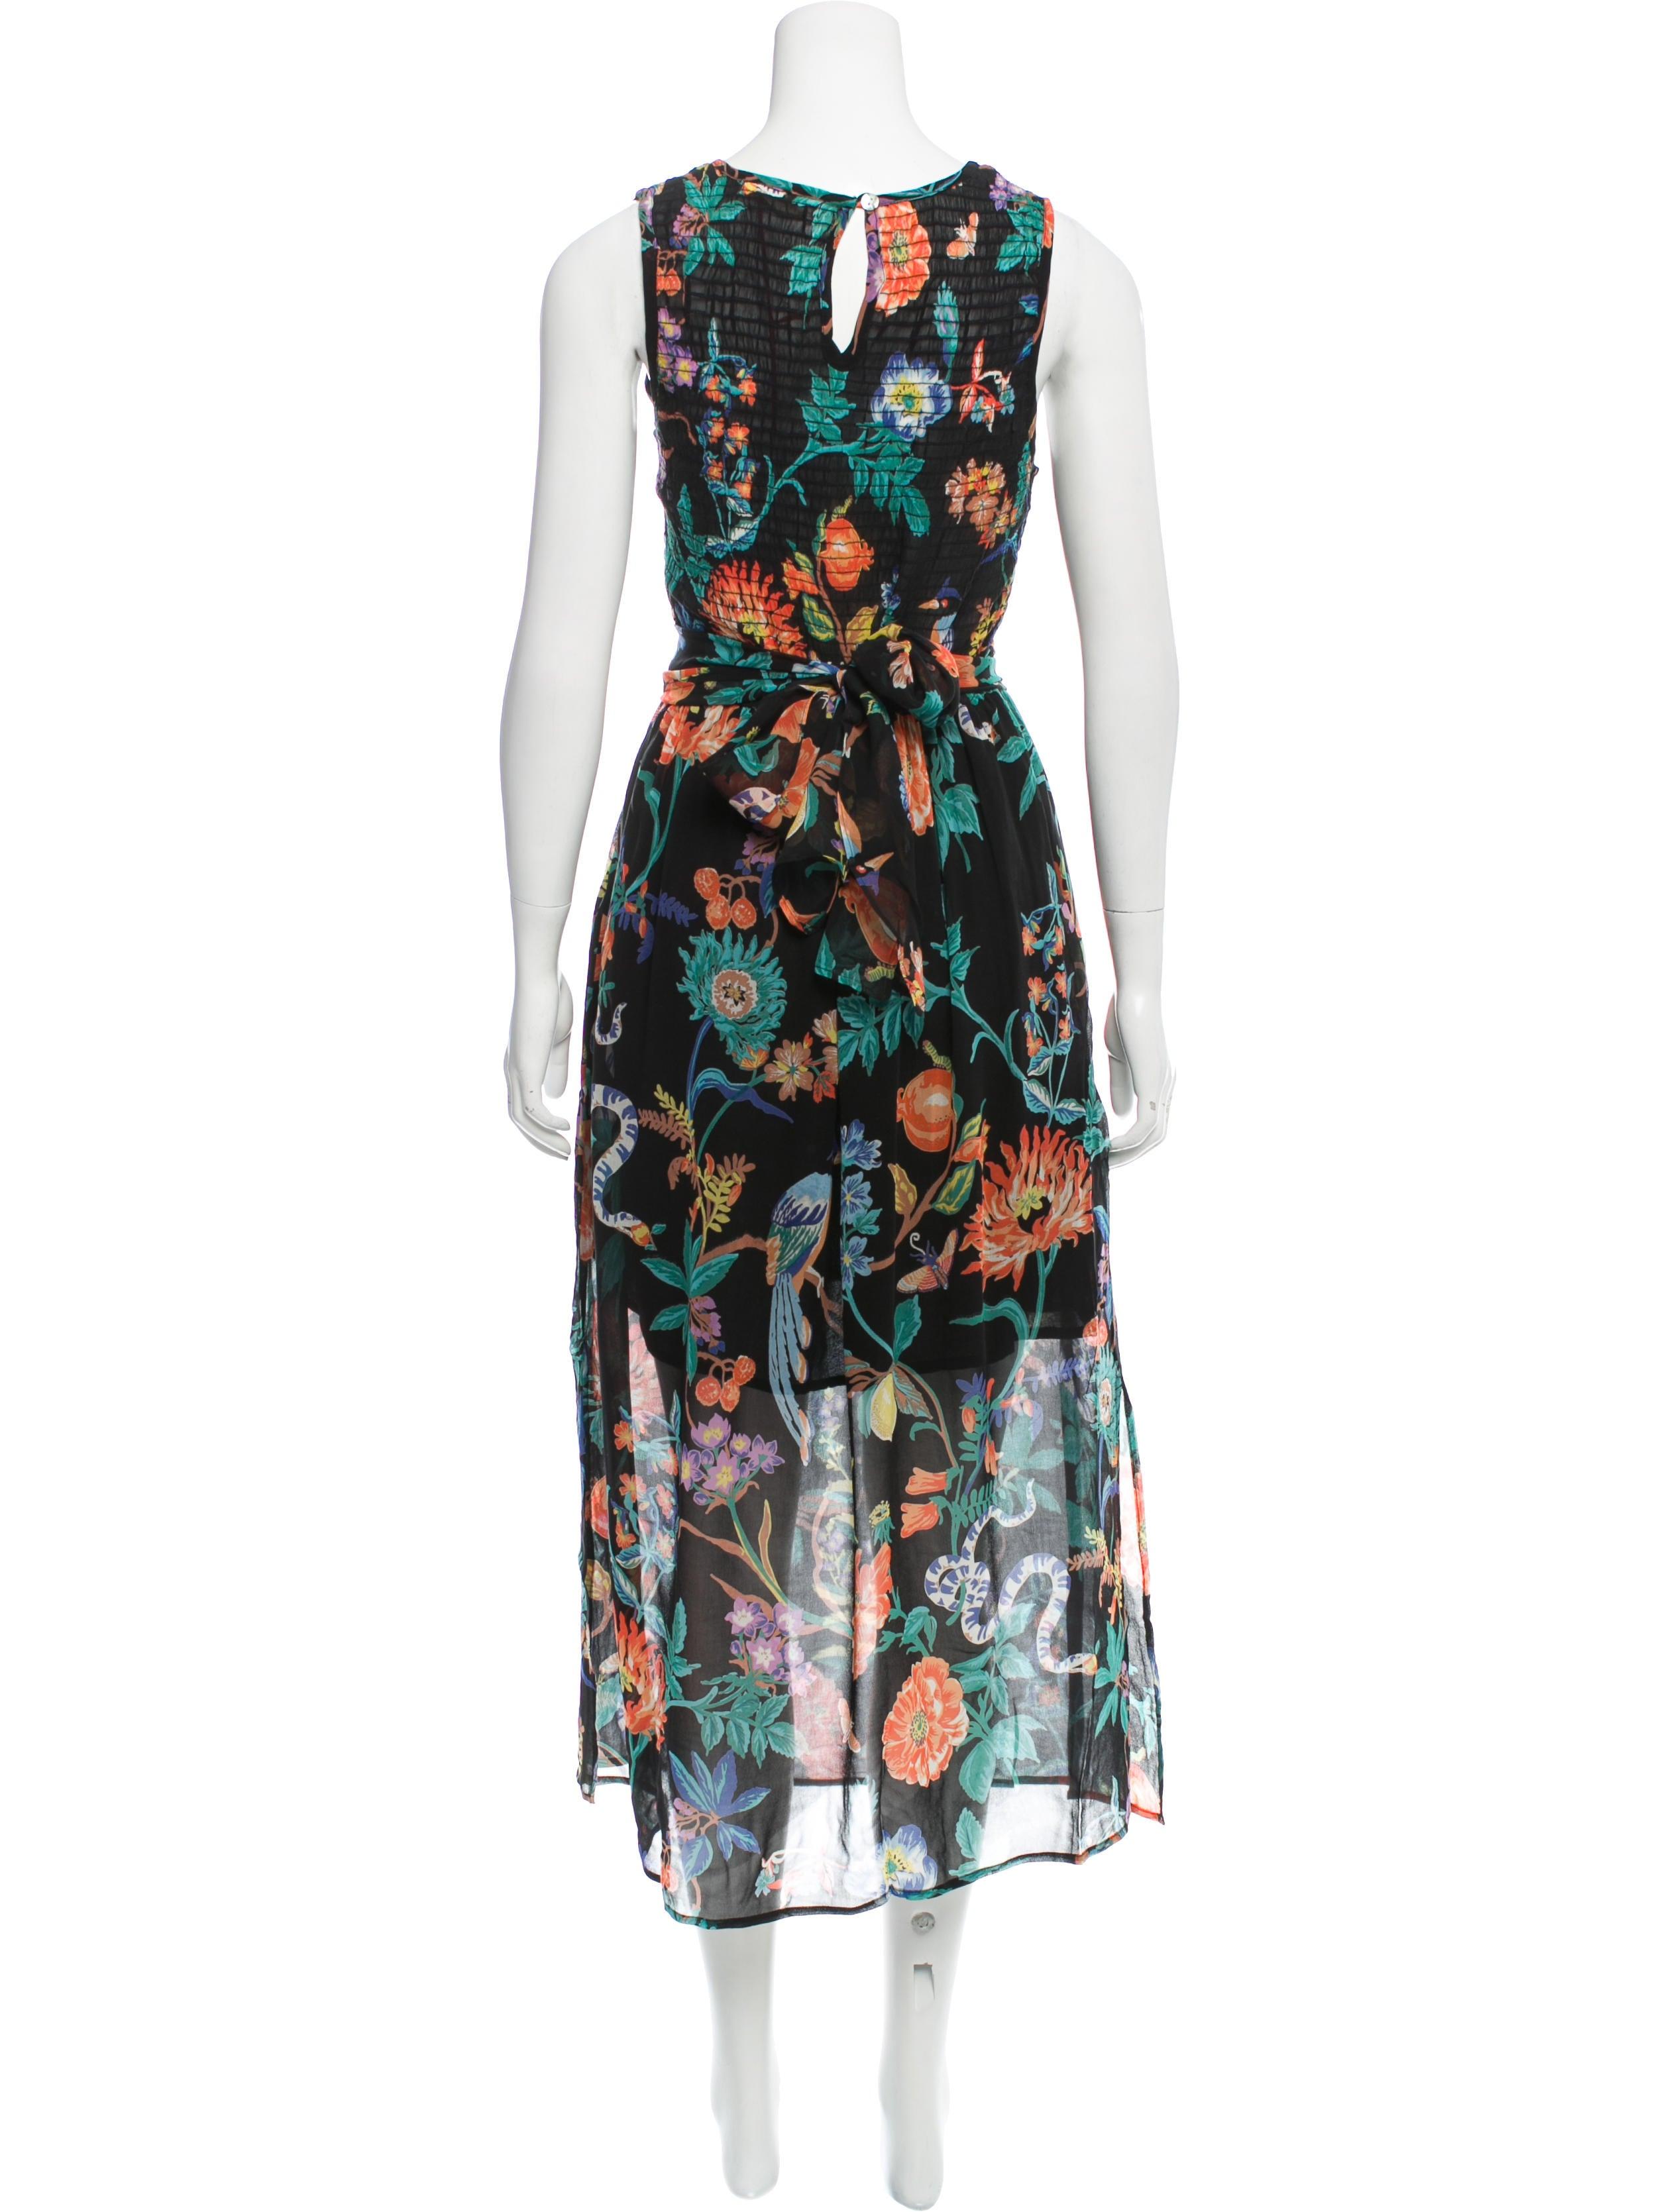 banjanan coachella floral print dress w tags  clothing